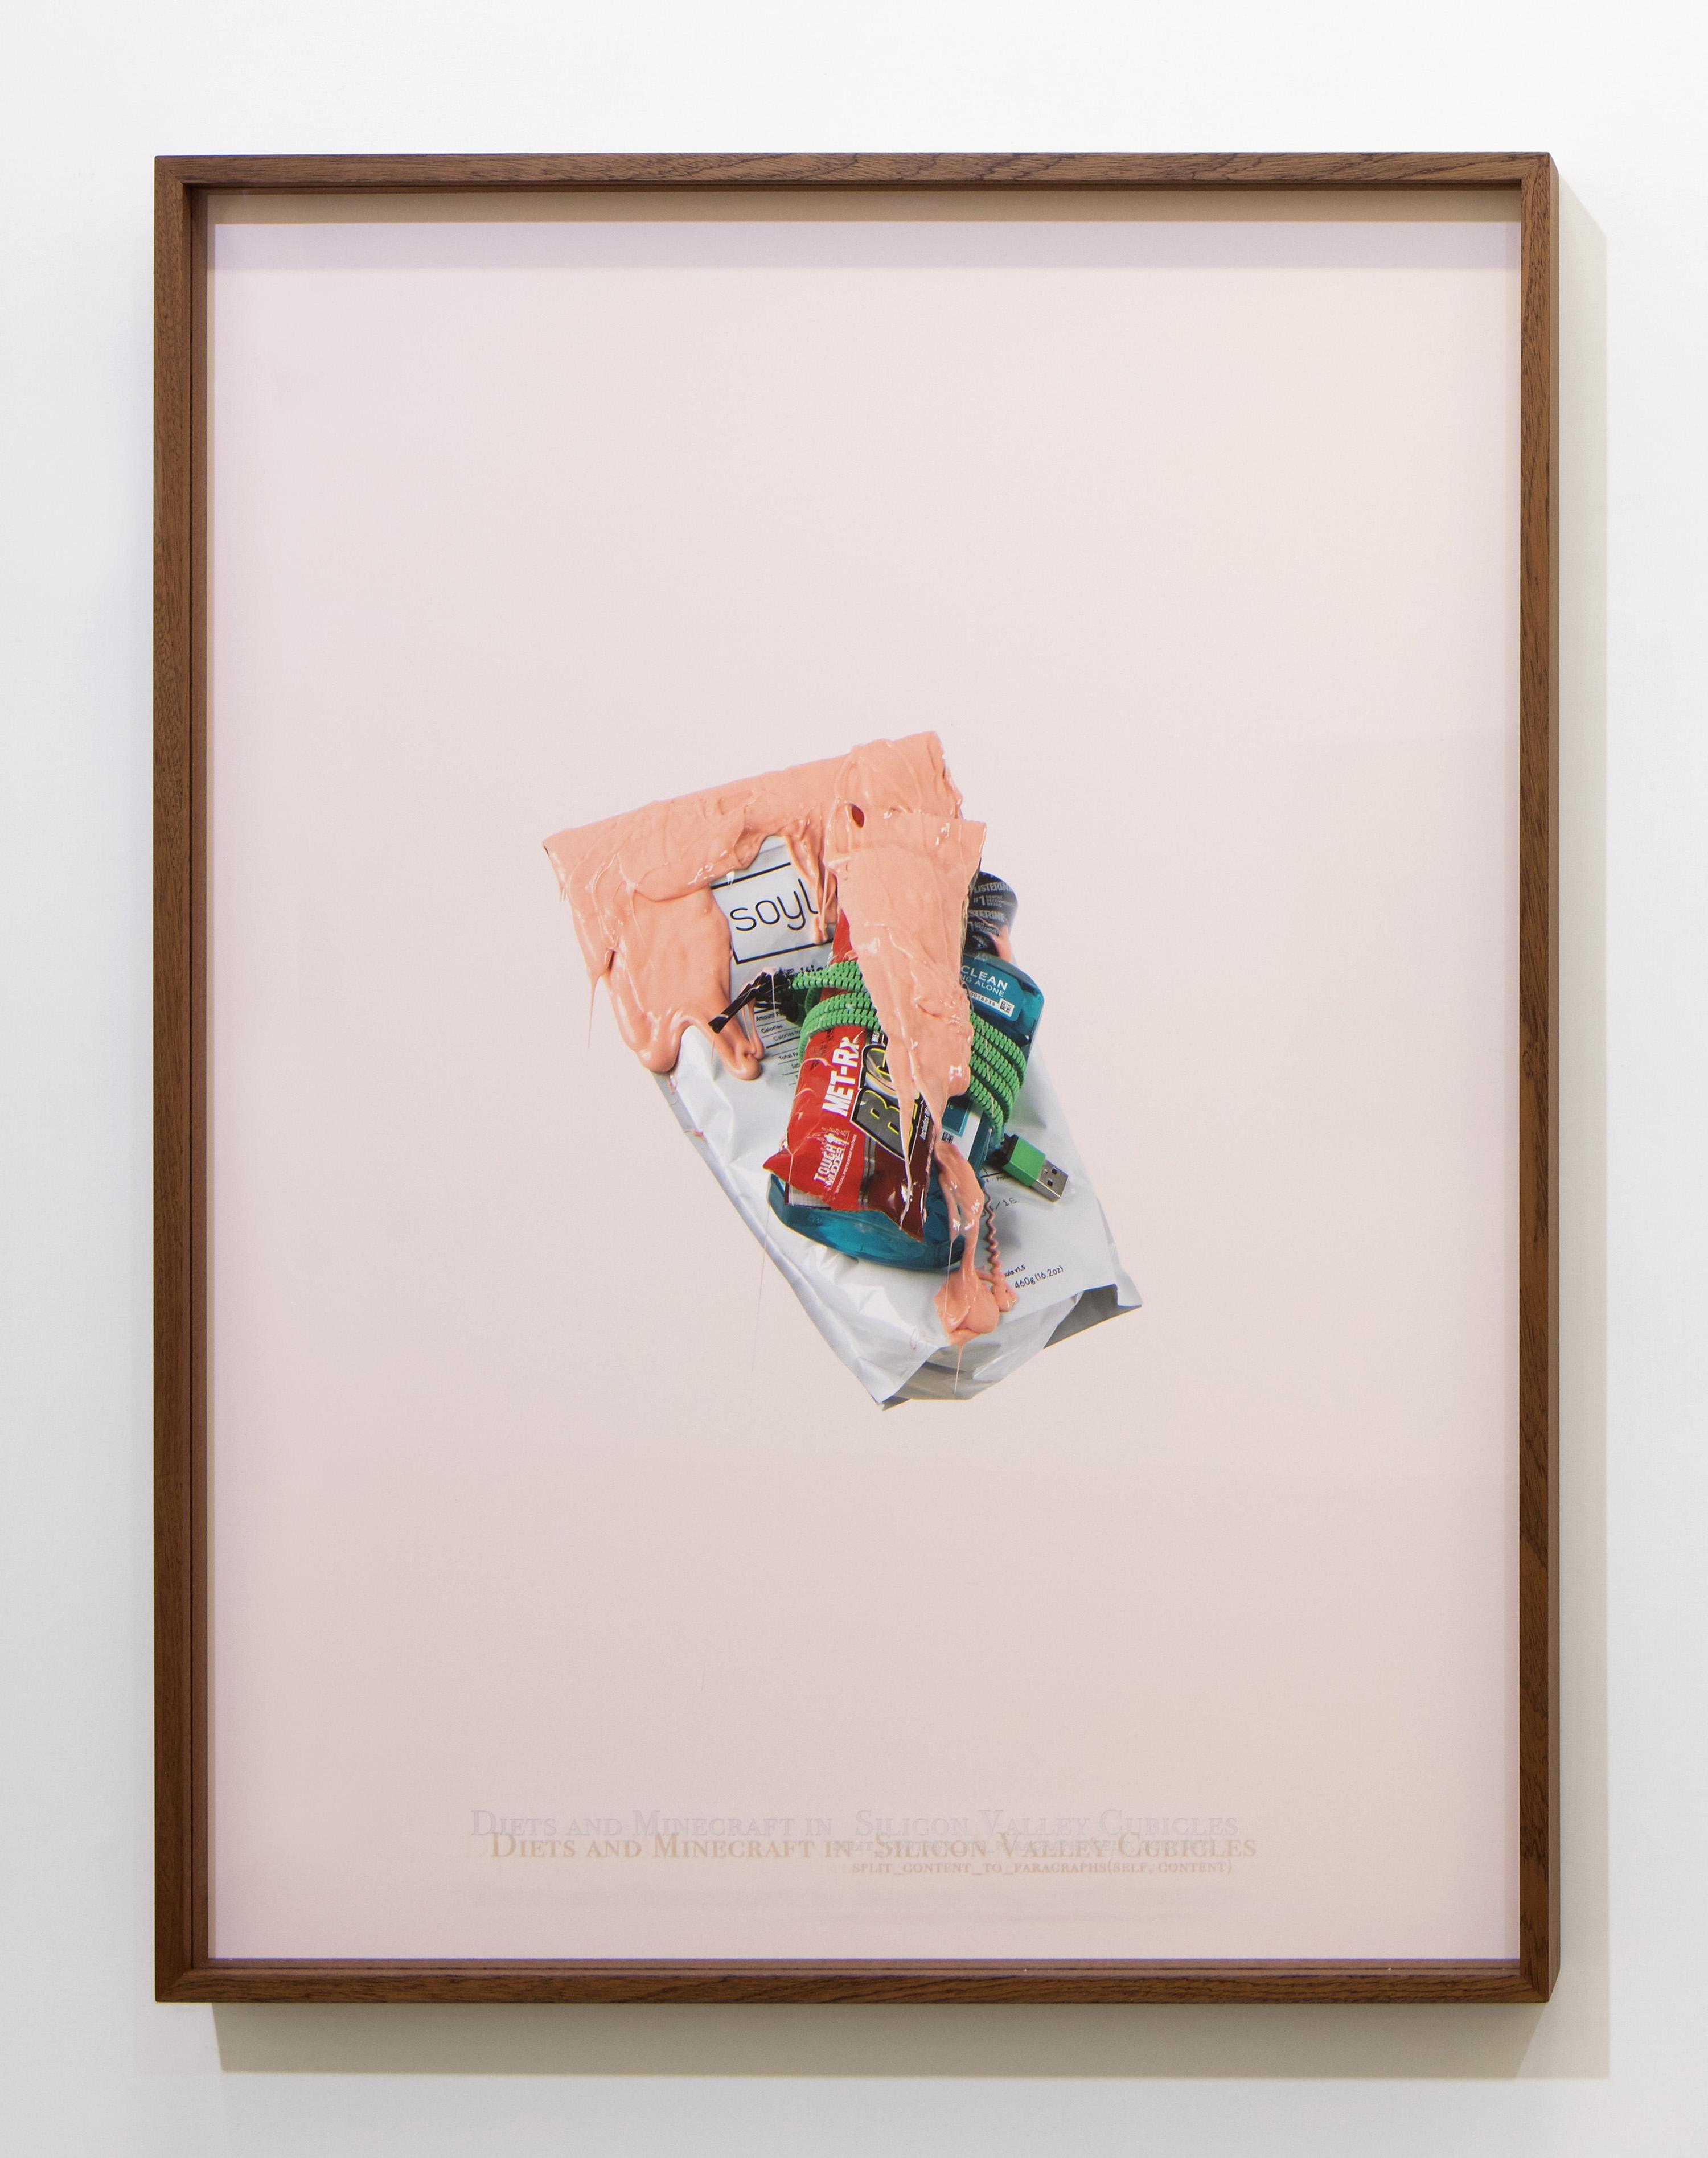 """125DC 17: Danilo Correale: """"When Algorithm Becomes Form #2"""" 2017 – Print on photographic paper and engraved plexiglass – 70x100 cm cm – C.sy Galleria Raucci/Santamaria Napoli/Milano, photo Amedeo Benestante, Napoli"""